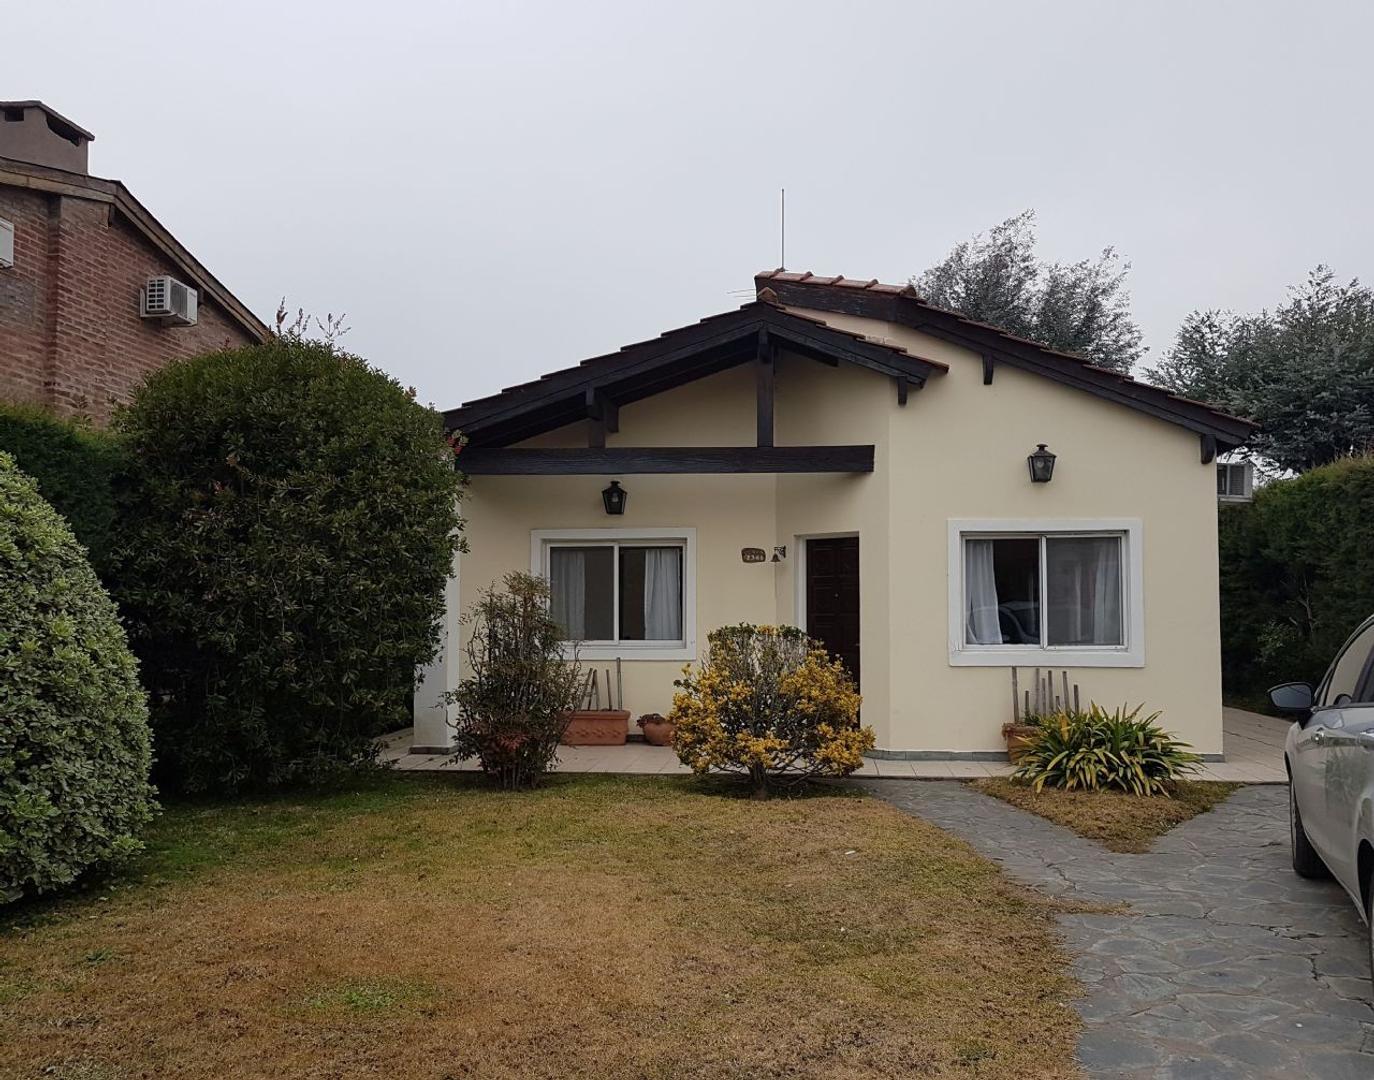 Casa   Venta  C.C. Banco Provincia, Zona Oeste - OES1089_LP174190_1